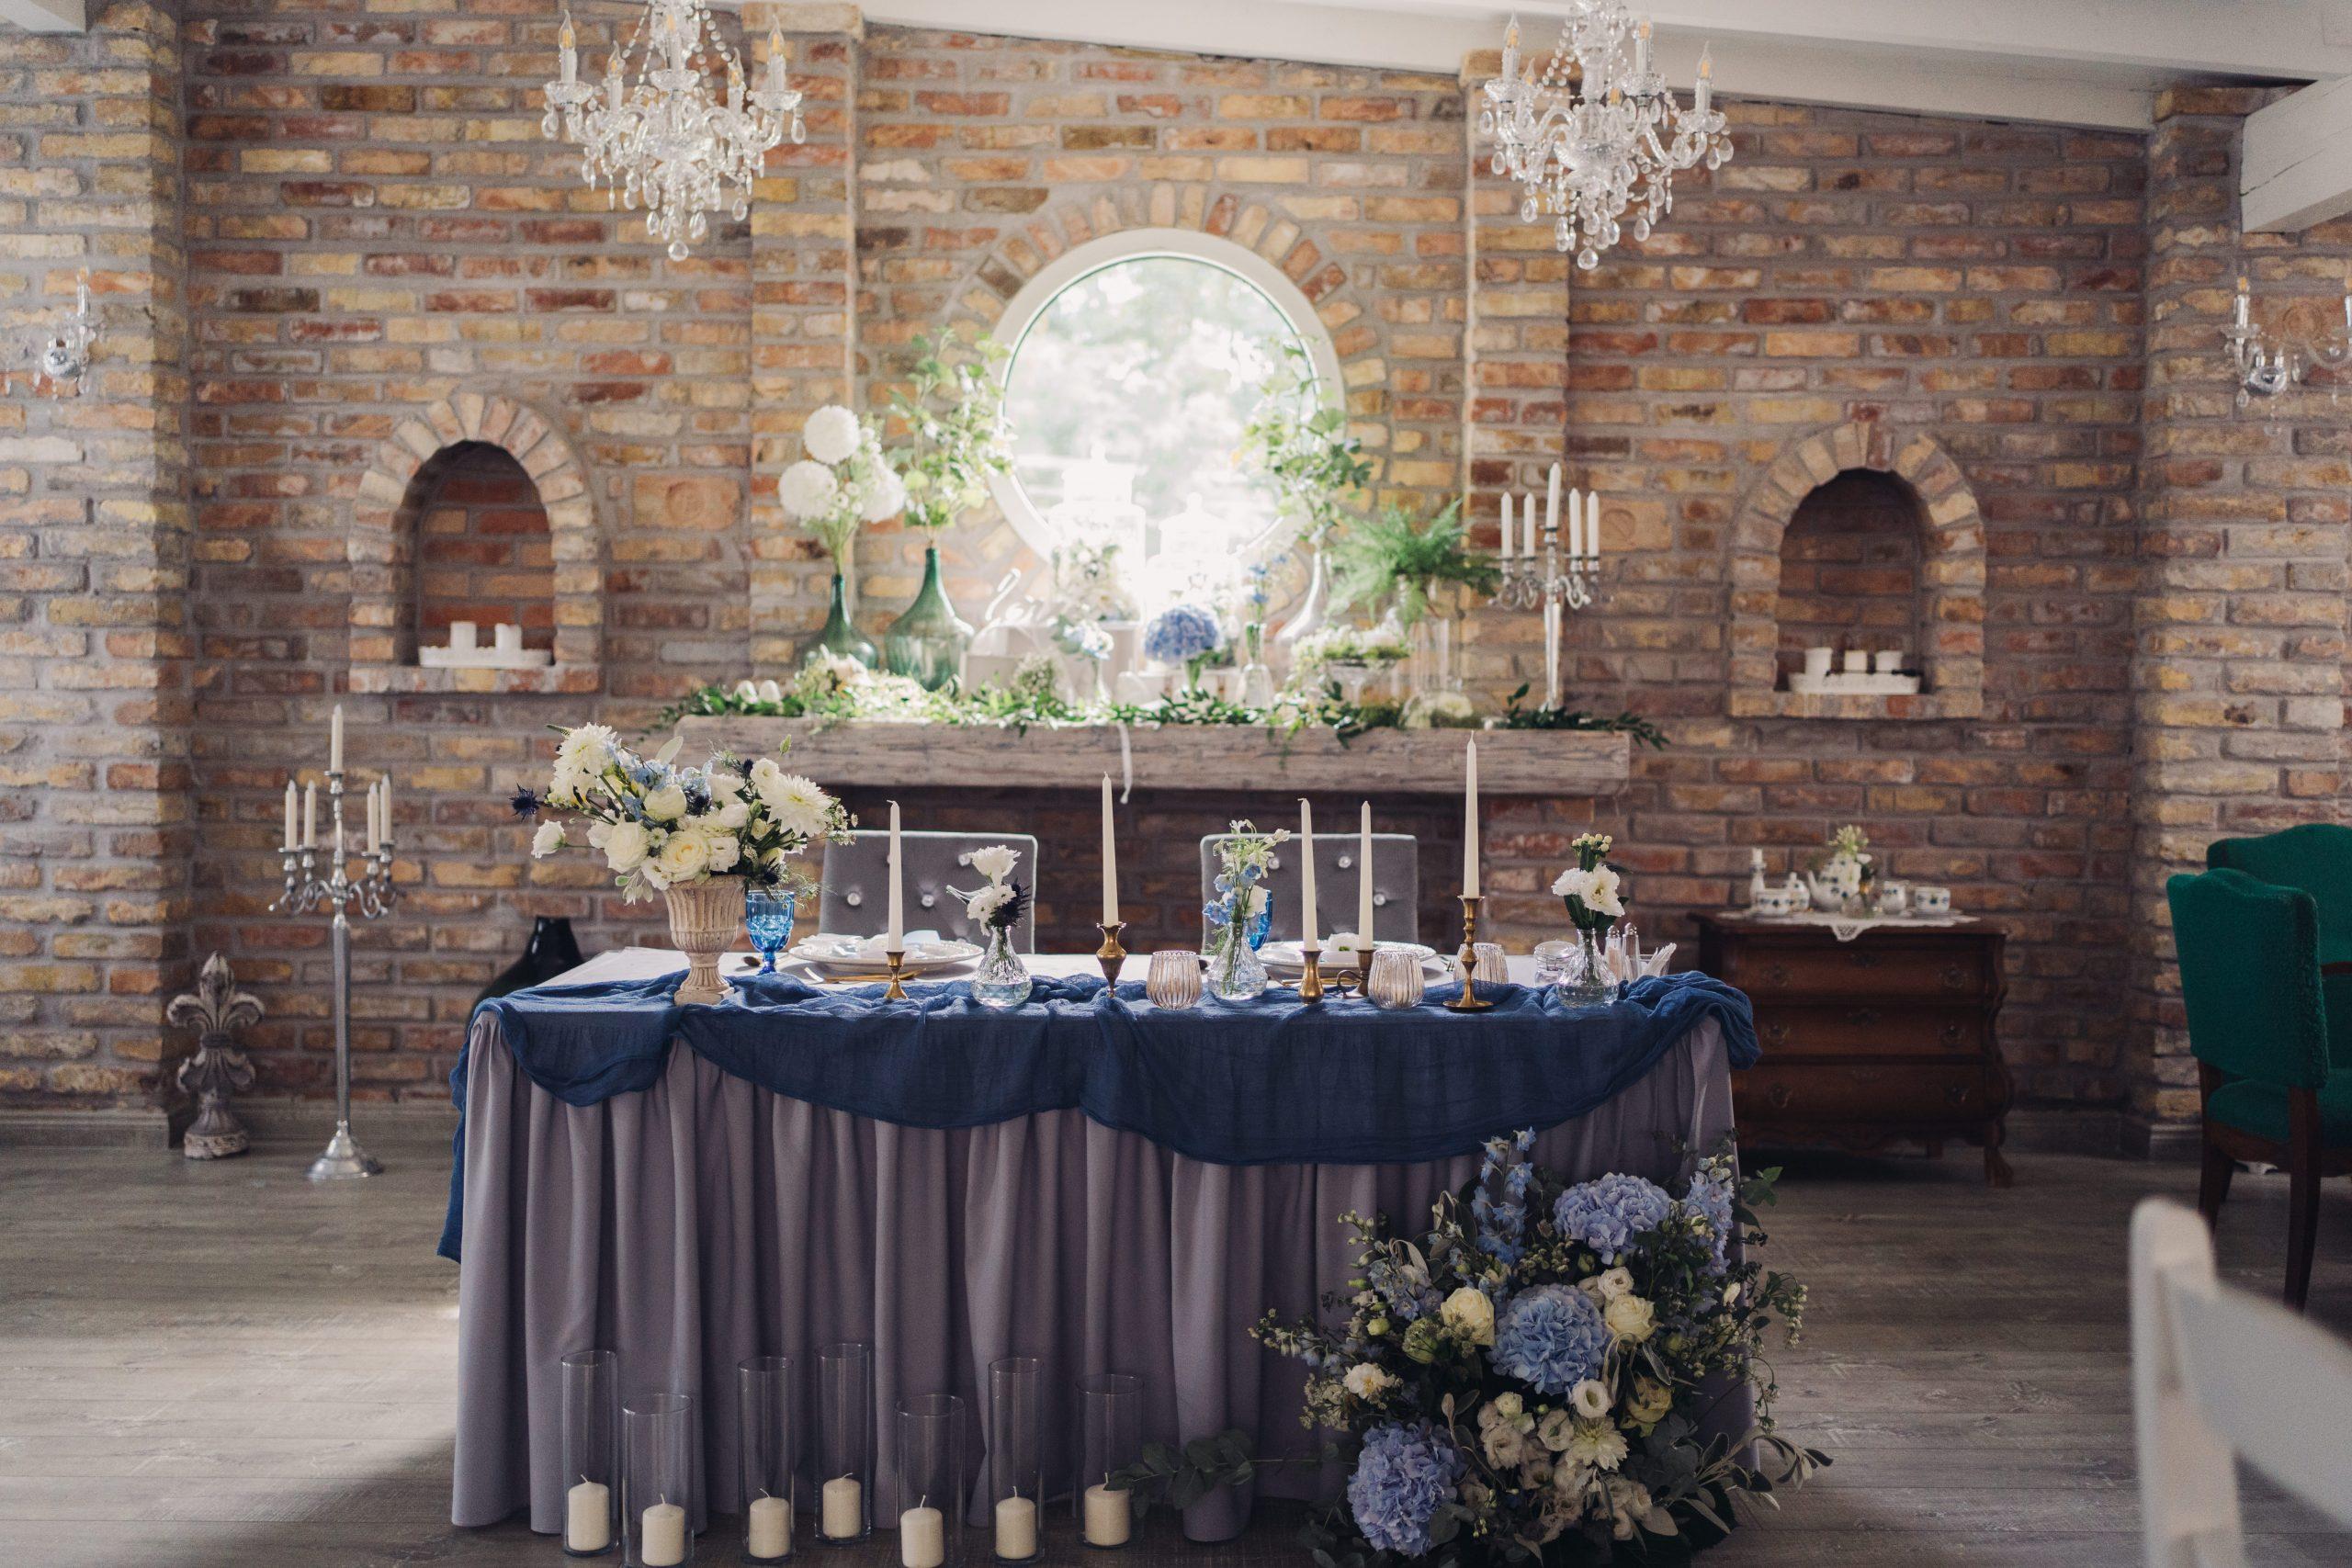 deák udvarház, deák udvarház esküvő, kakucs, egy romantikus erdei kúria,kakucs deák udvarház, esküvő- deák udvarház, romantikus stílusú esküvő, blush wedding decor